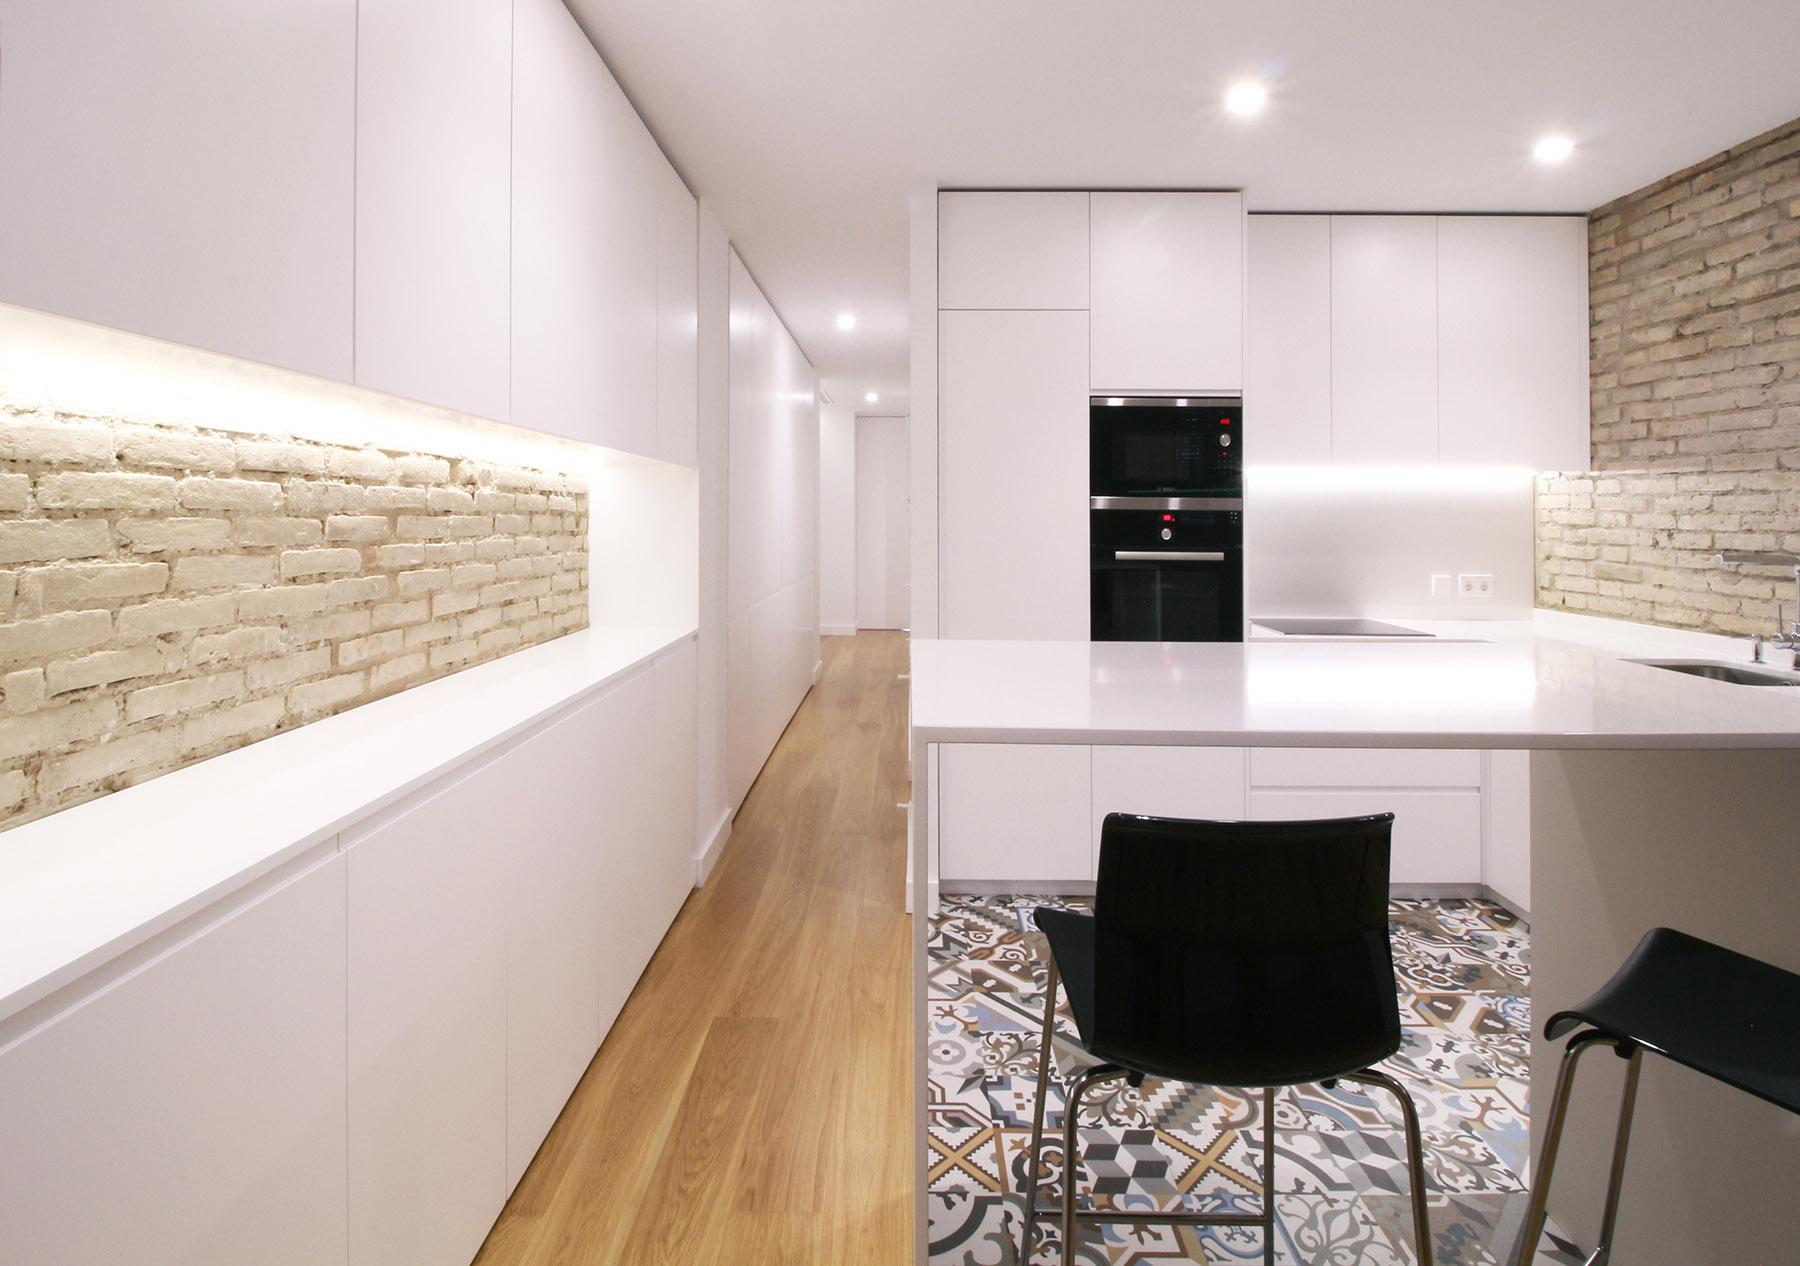 Muebles De Cocina Qu Material Elijo Sin Equivocarme  ~ Limpiar Muebles De Cocina De Formica Mate